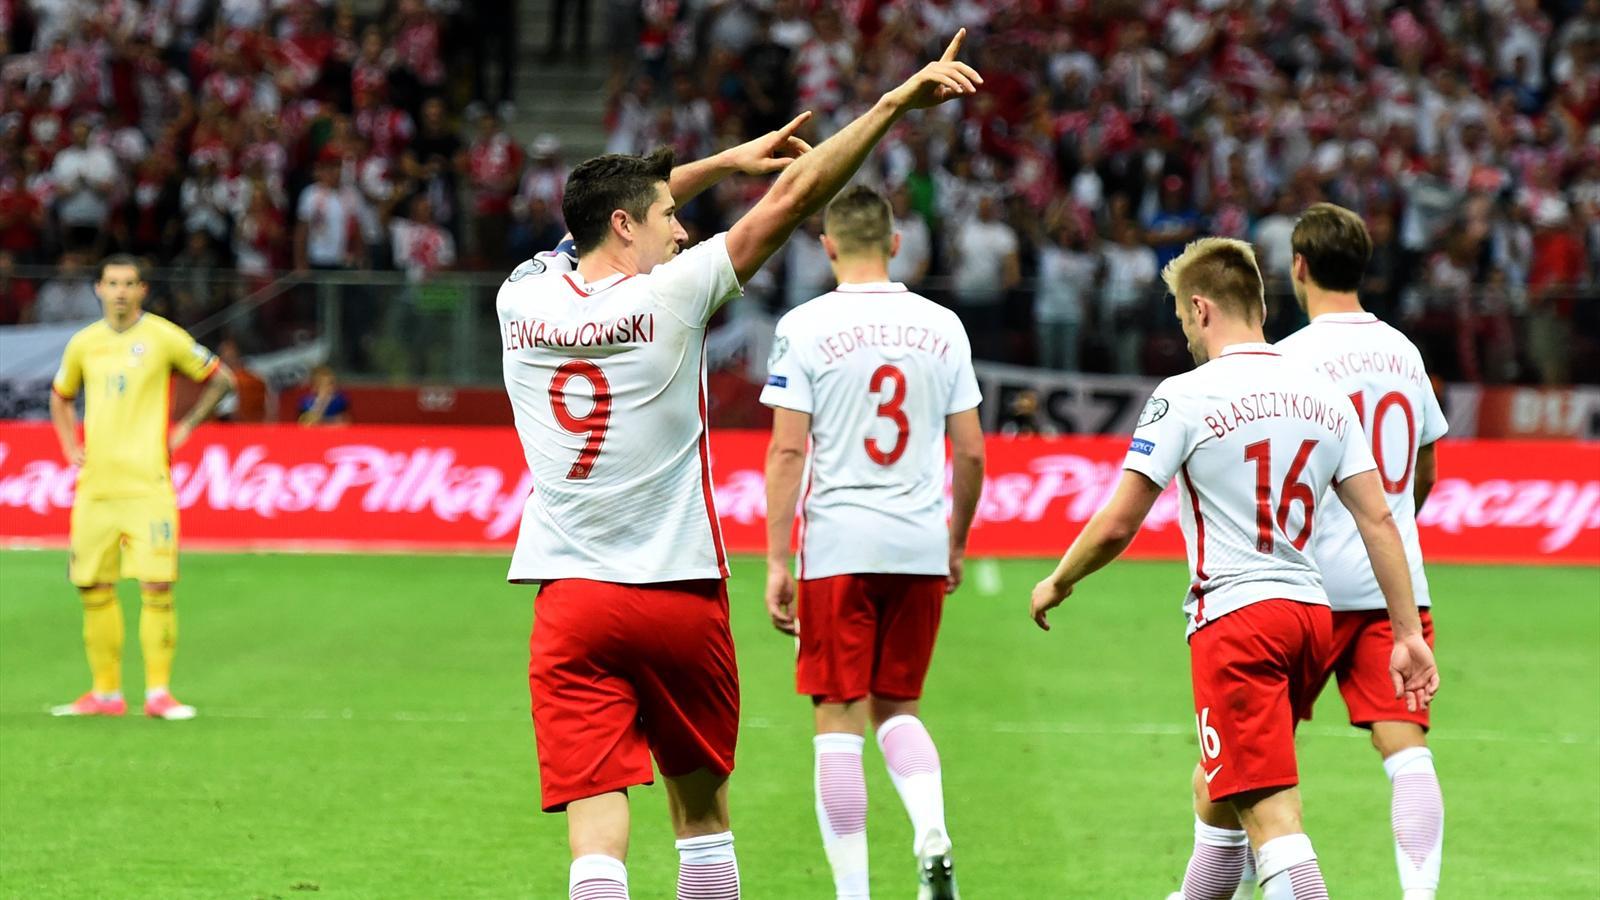 Qualifications mondial 2018 robert lewandowski vainqueur avec la pologne contre la roumanie - Vainqueur coupe du monde football ...